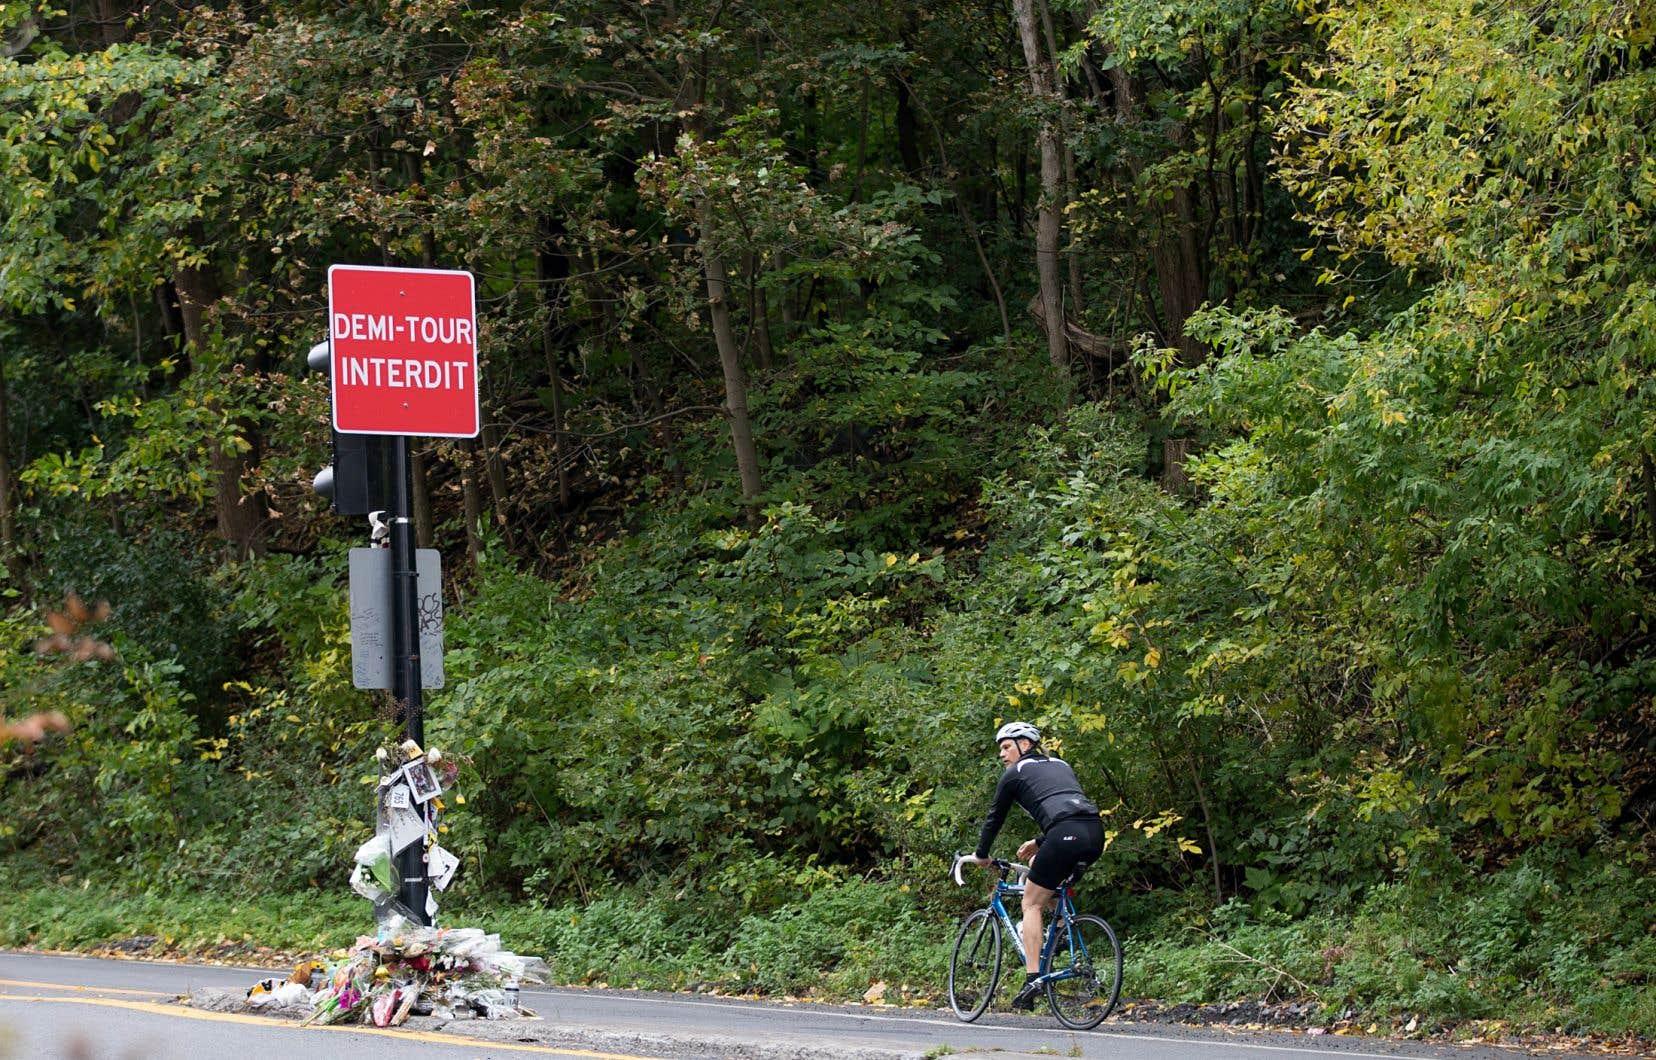 Le 4octobre dernier, le jeune cycliste de 18ans Clément Ouimet a perdu la vie dans une collision avec un véhicule sur la voie Camillien-Houde.